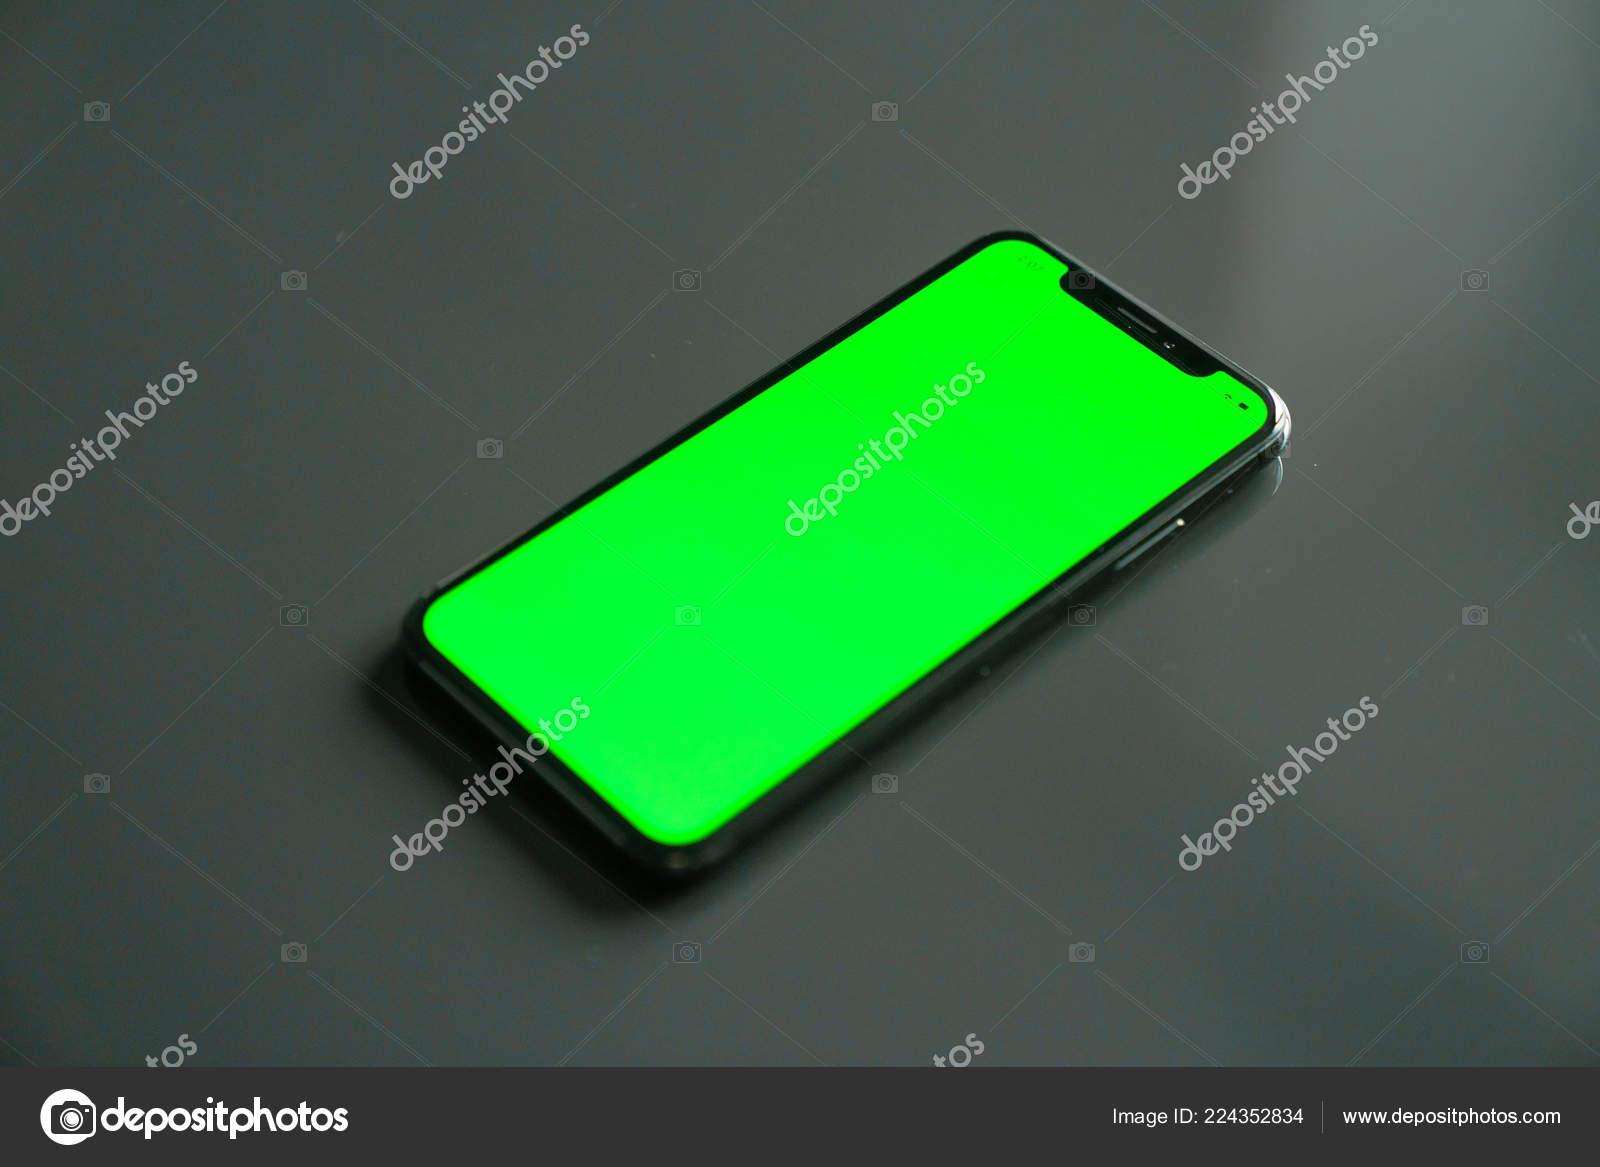 Iphone Schermo Verde Uno Sfondo Grigio Foto Stock Dobryv 224352834